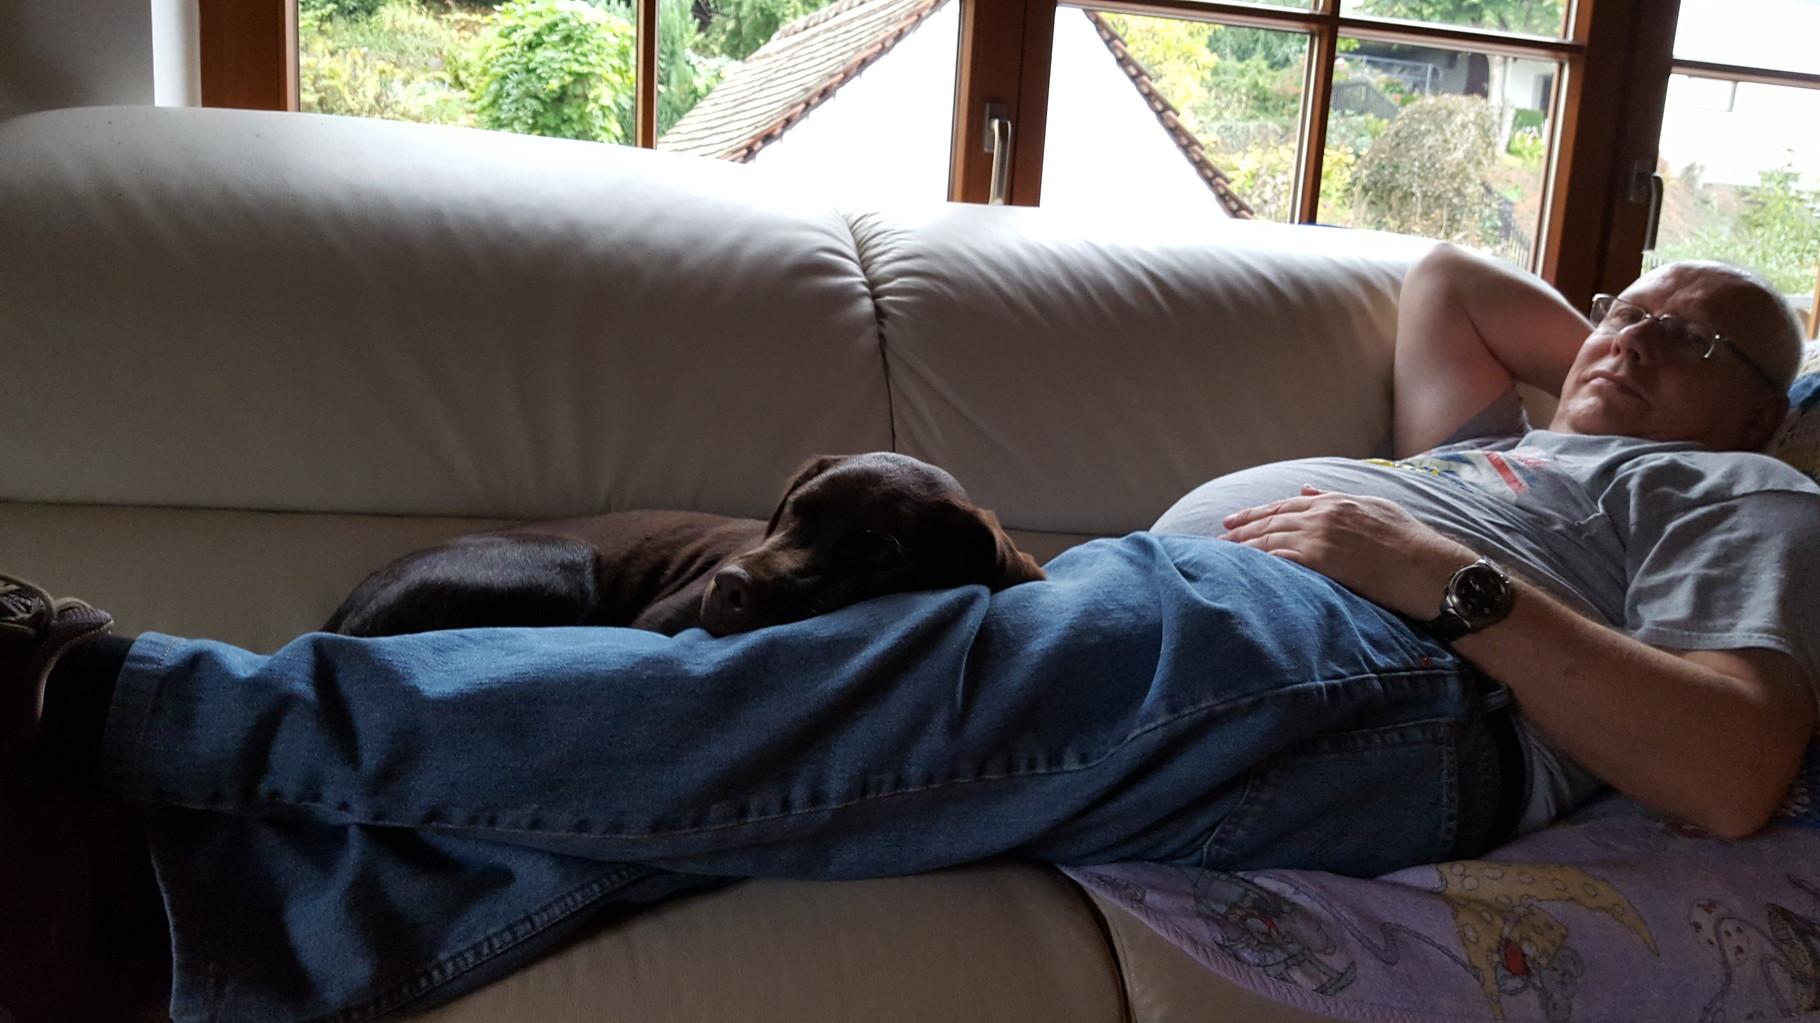 Mit Papa kuscheln und dann einschlafen, herrlich.